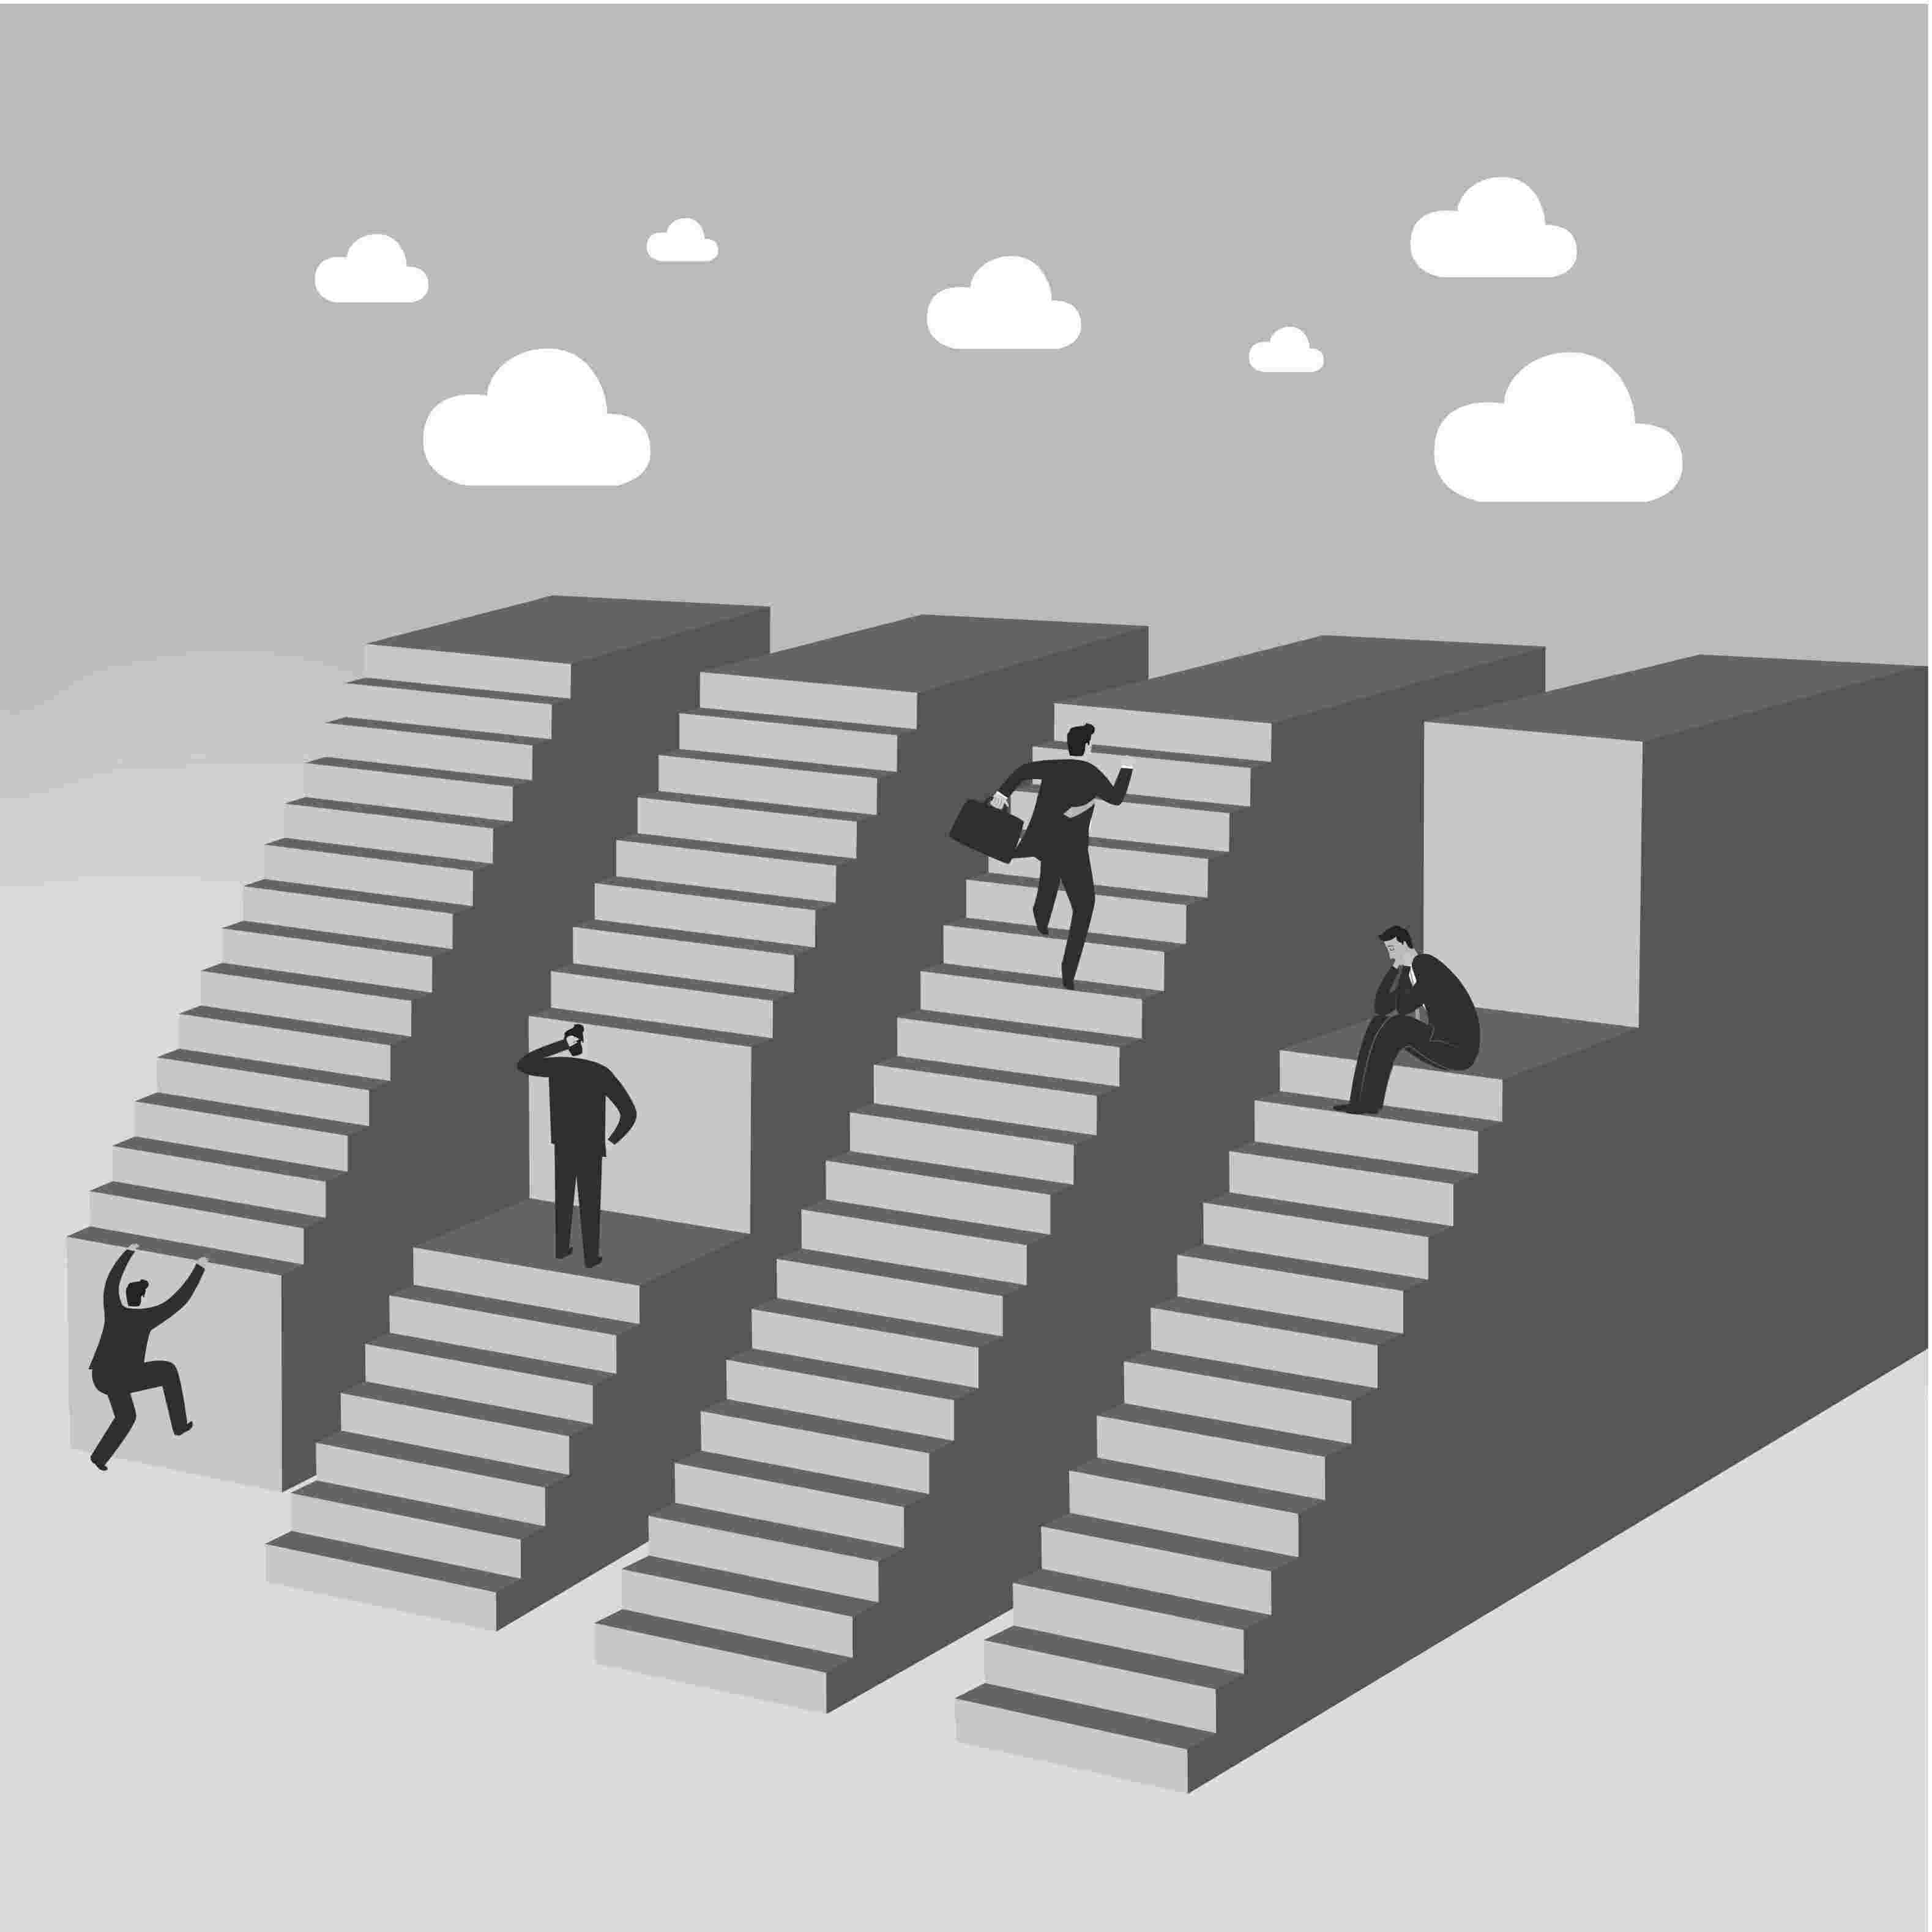 Nettkurs om barrierefrie utdanningsvalg